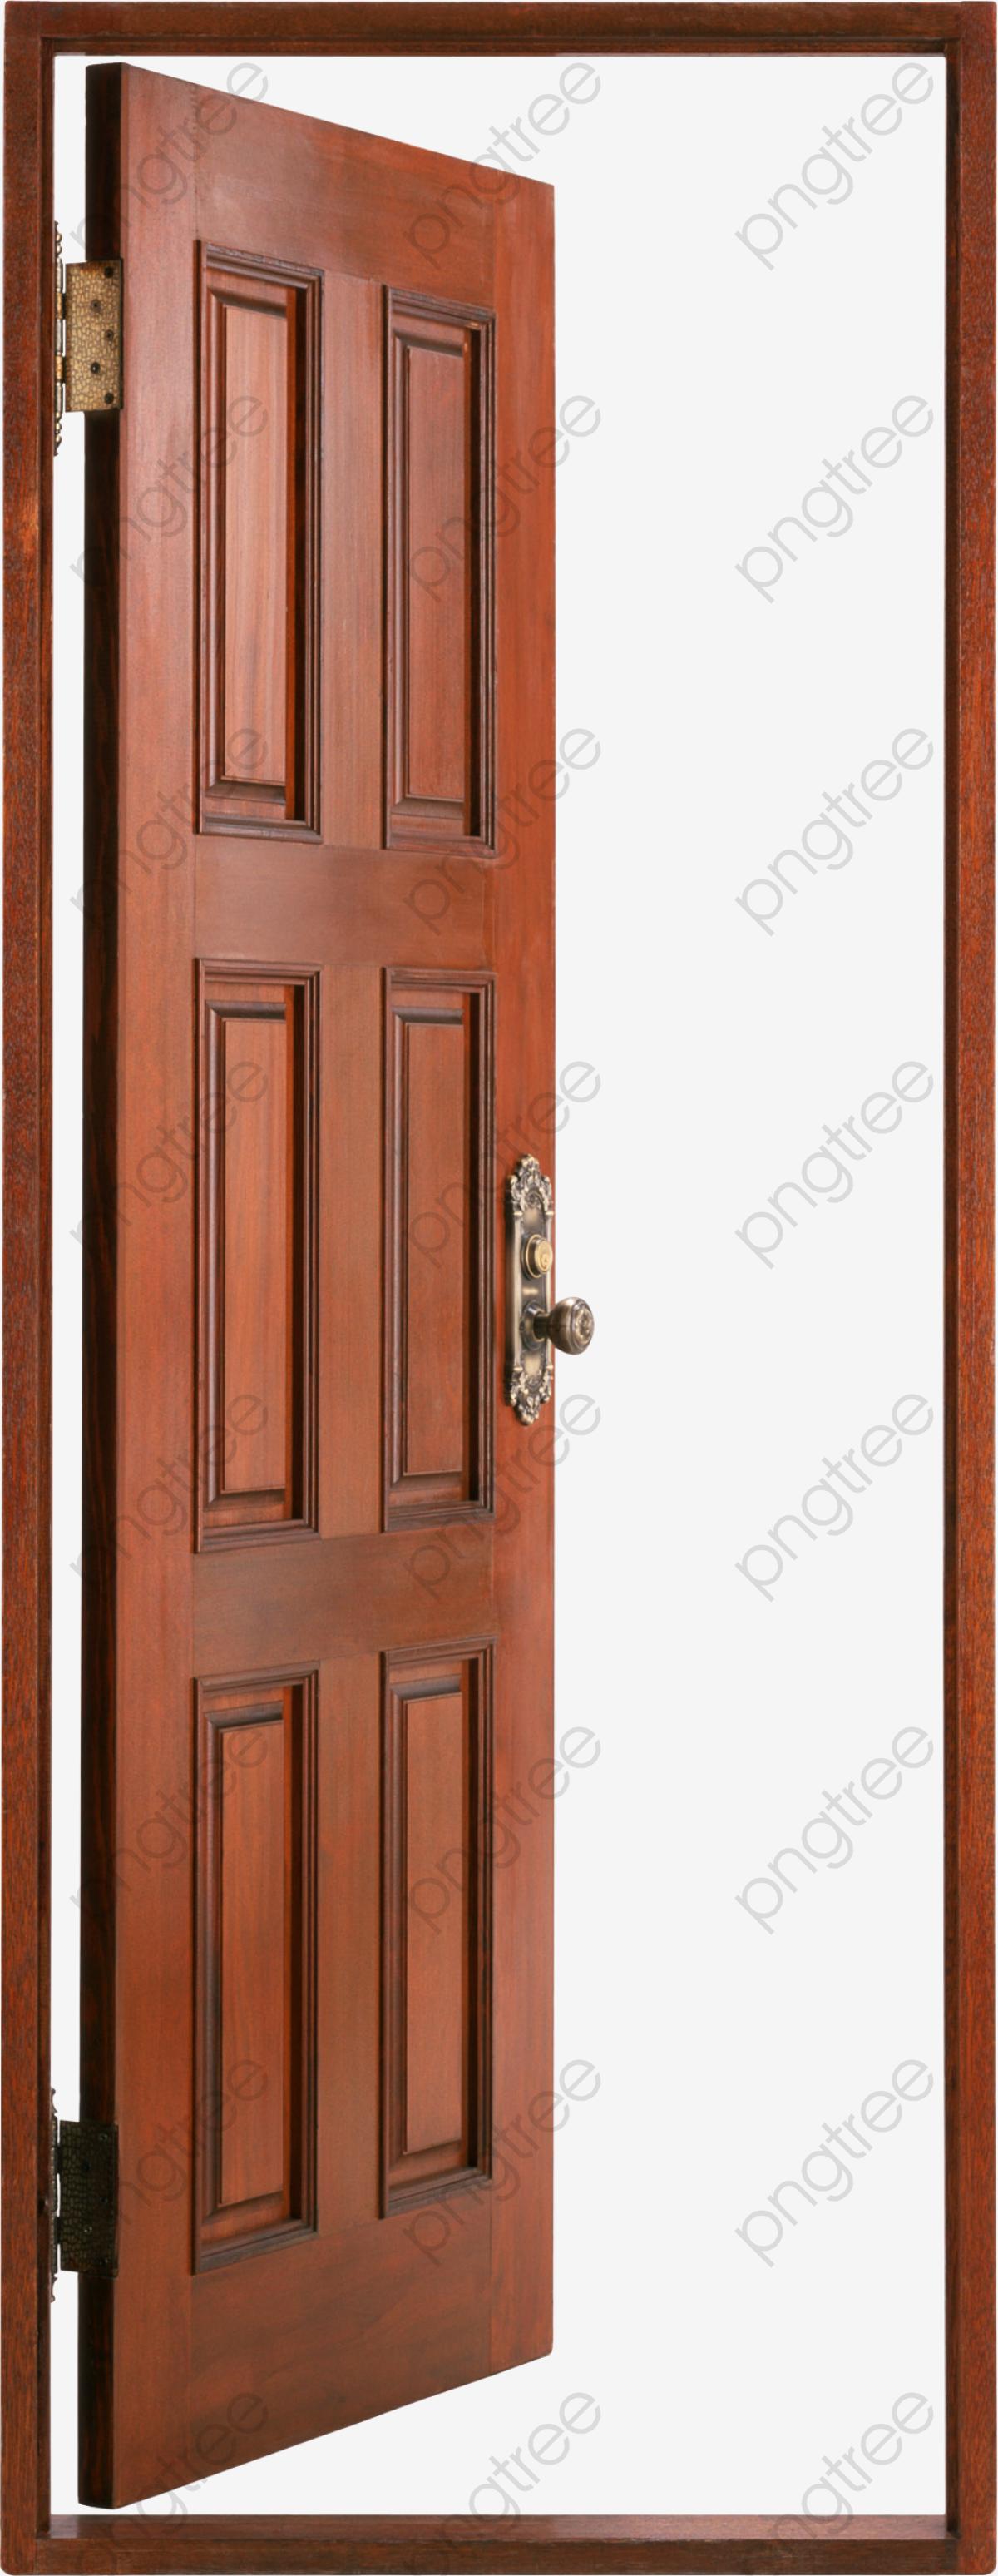 Puerta, Puertas Y Ventanas, Portal, Puerta De Seguridad Imagen PNG.